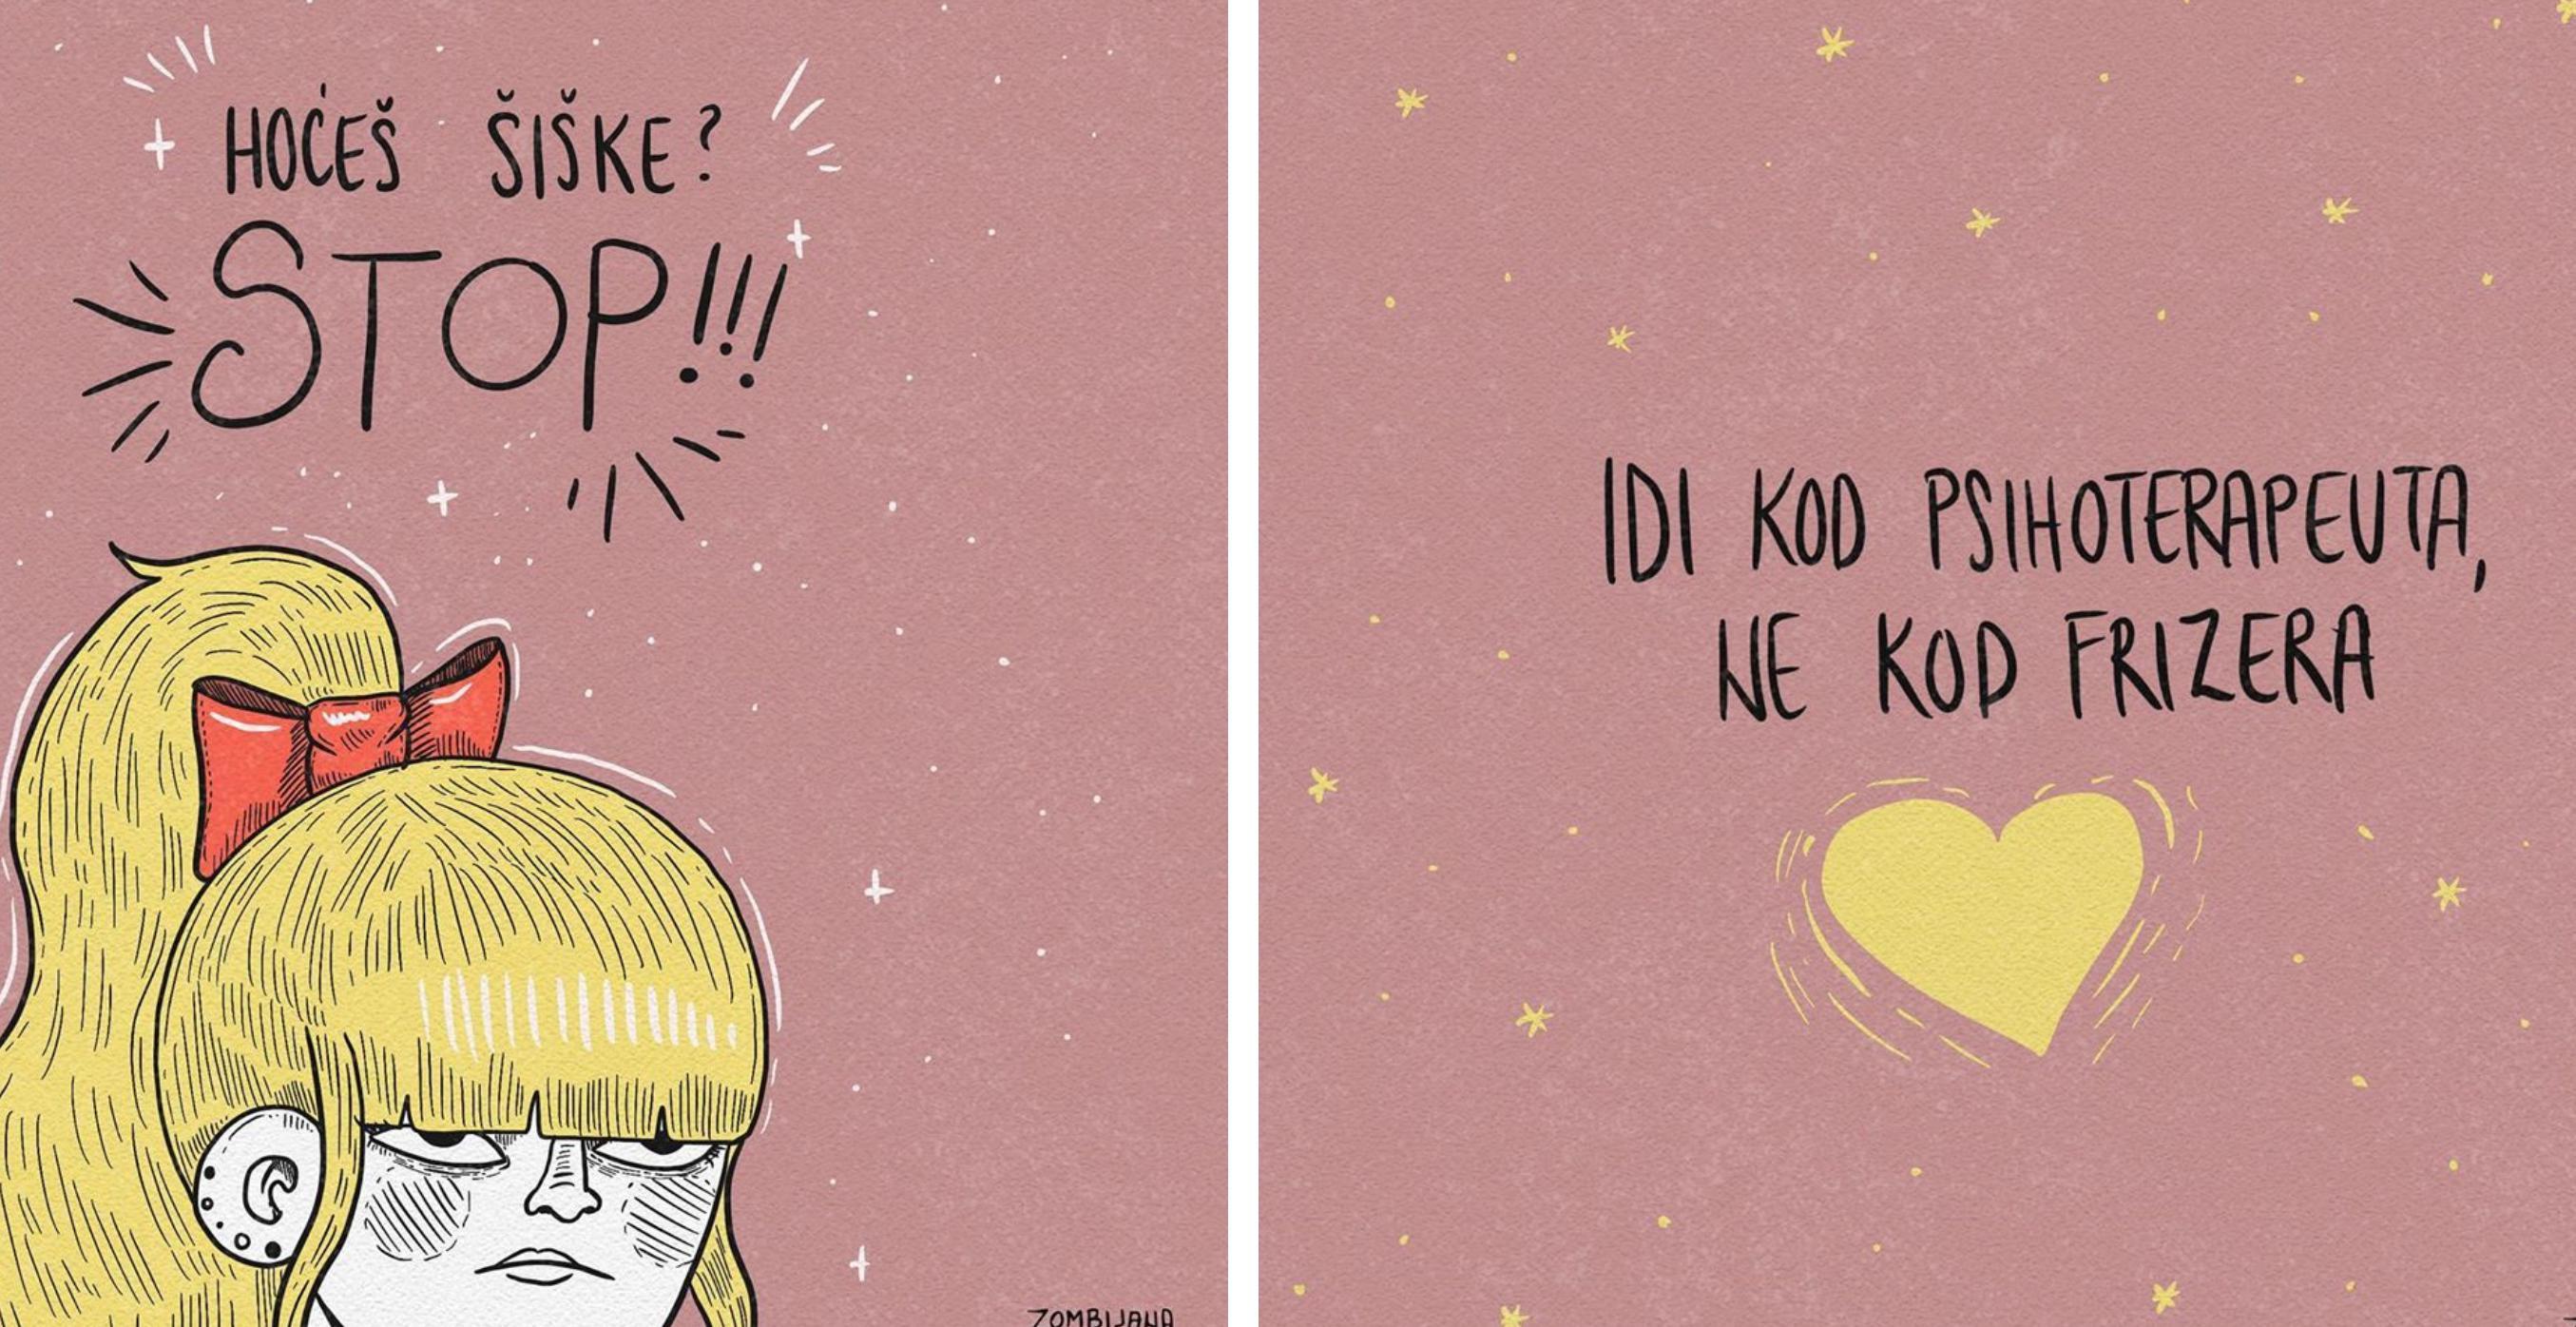 Popularna ilustratorica objavila šaljivu ilustraciju namijenjenu svima koji žele ošišati šiške